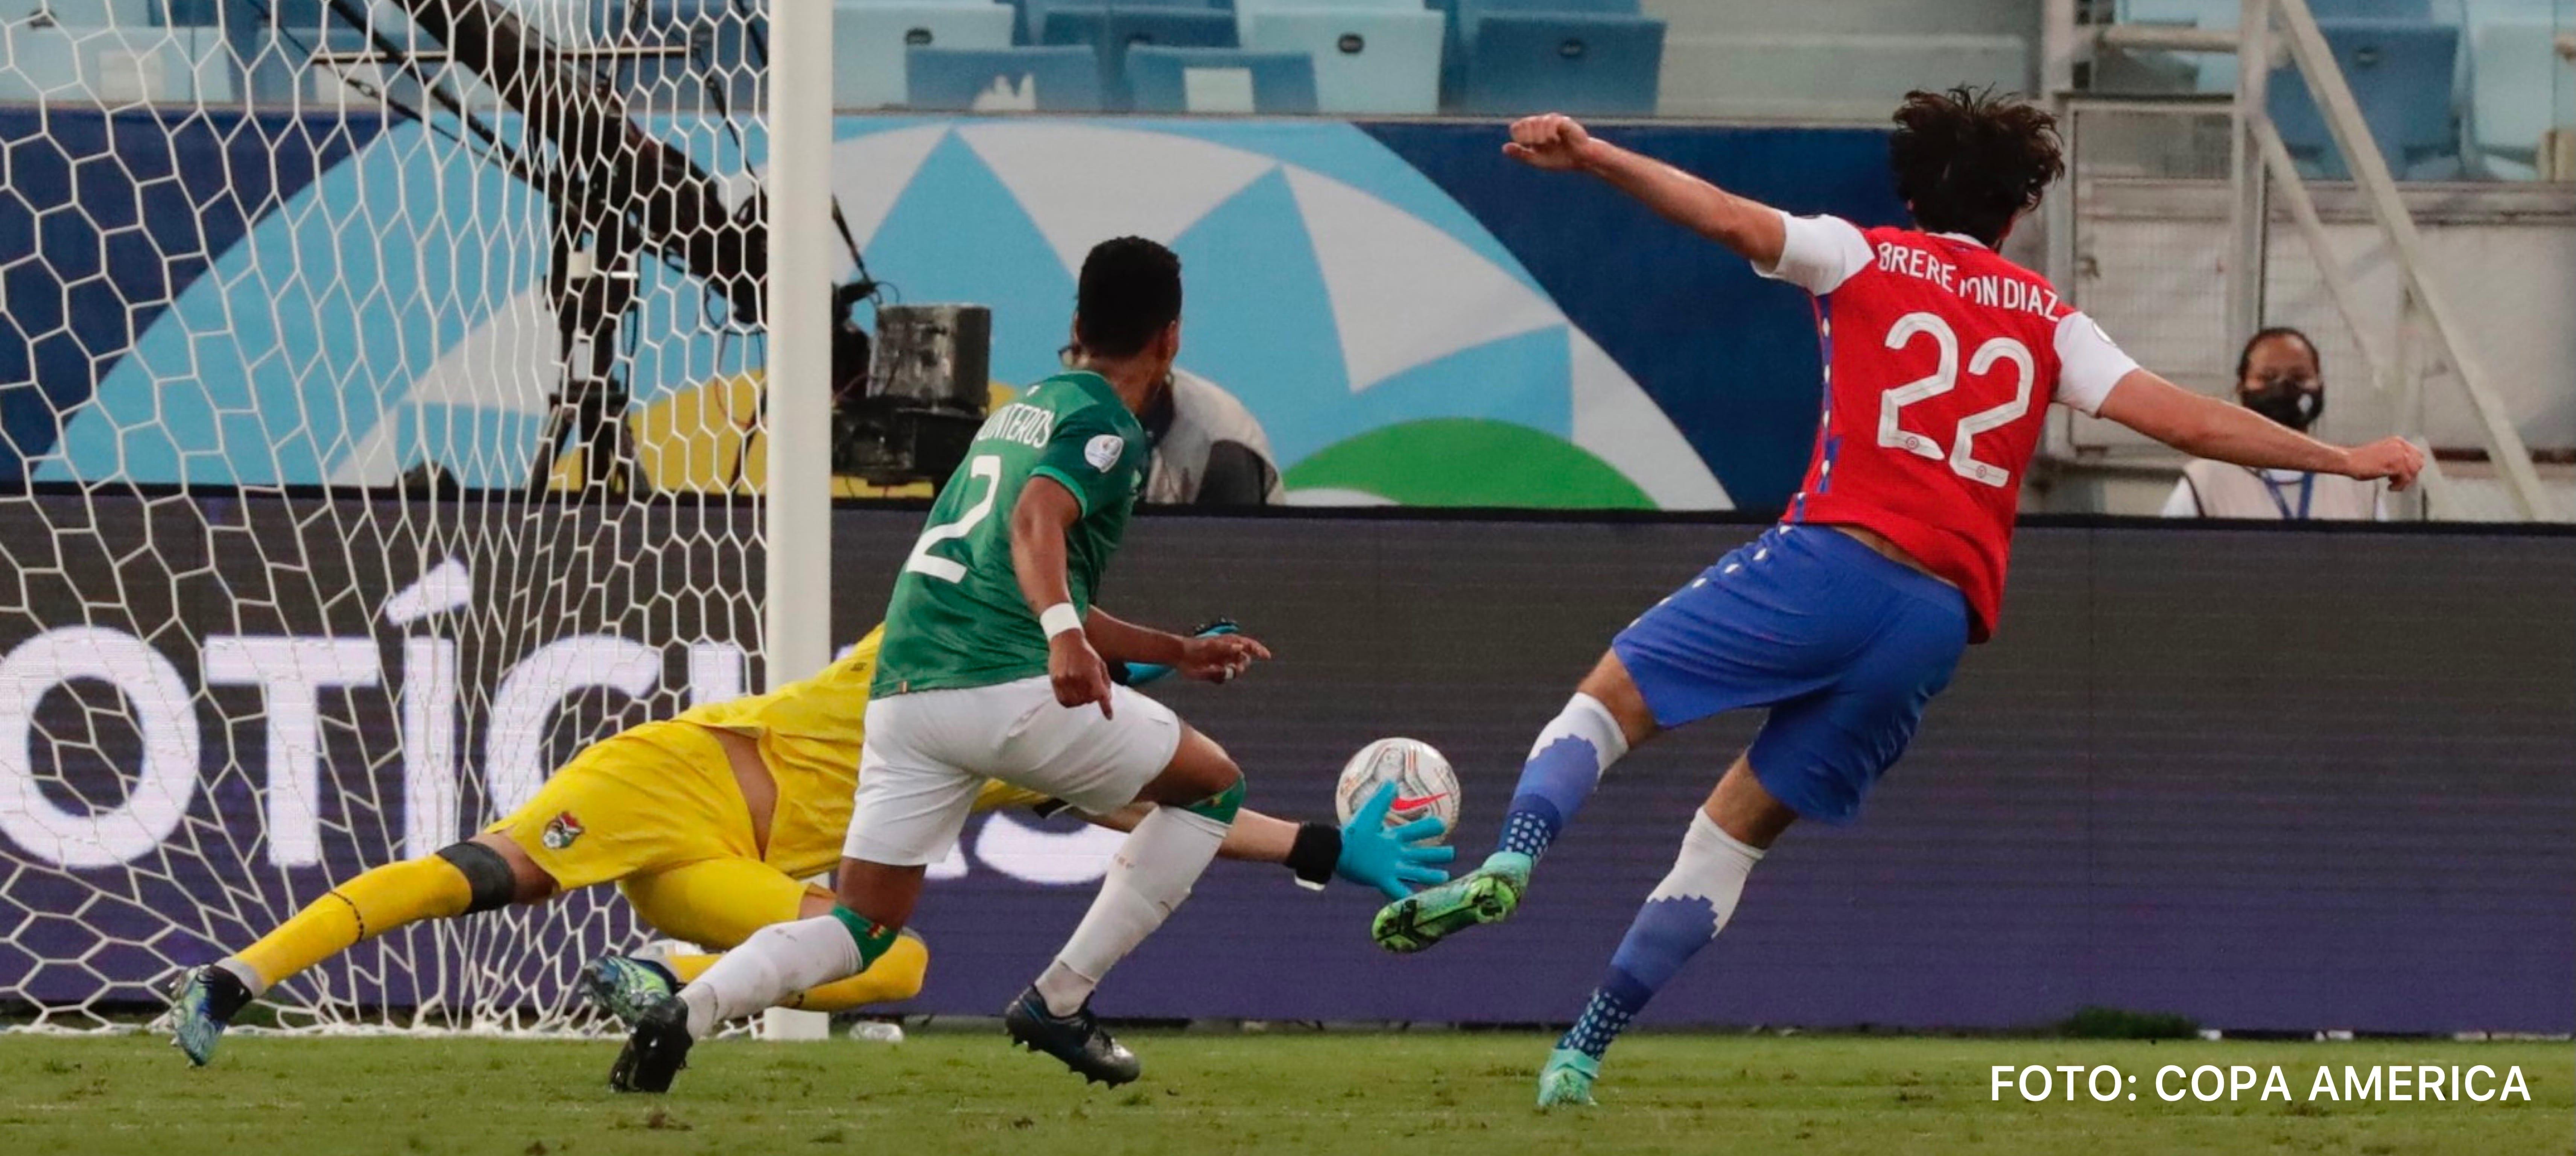 Chile derrotó 1-0 a Bolivia con gol de Brereton